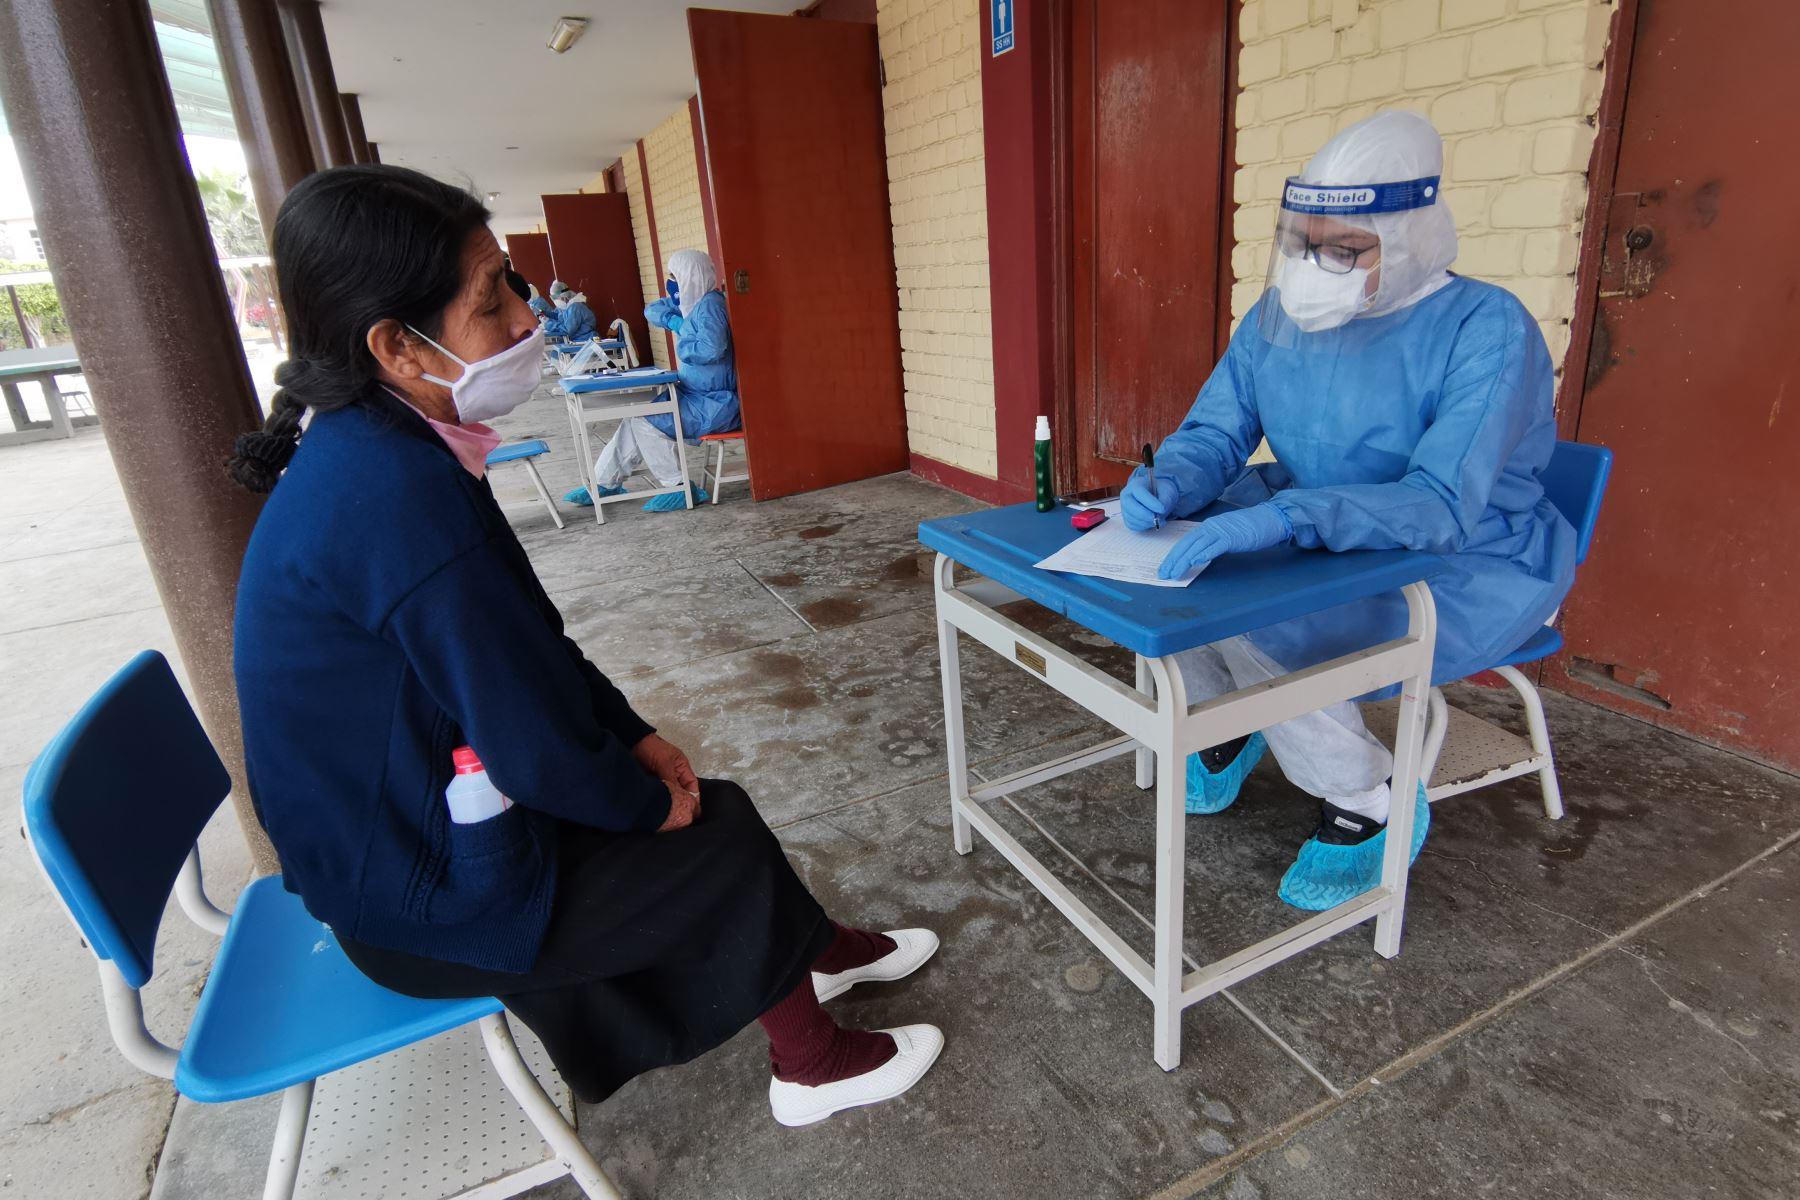 En un esfuerzo conjunto, personal del ministerio de Salud, operó por tercer día los Centros Rápidos de Atención Temporal (CRAT) para el diagnóstico y tratamiento oportuno del Covid-19, en Lambayeque. Foto: ANDINA/Minsa